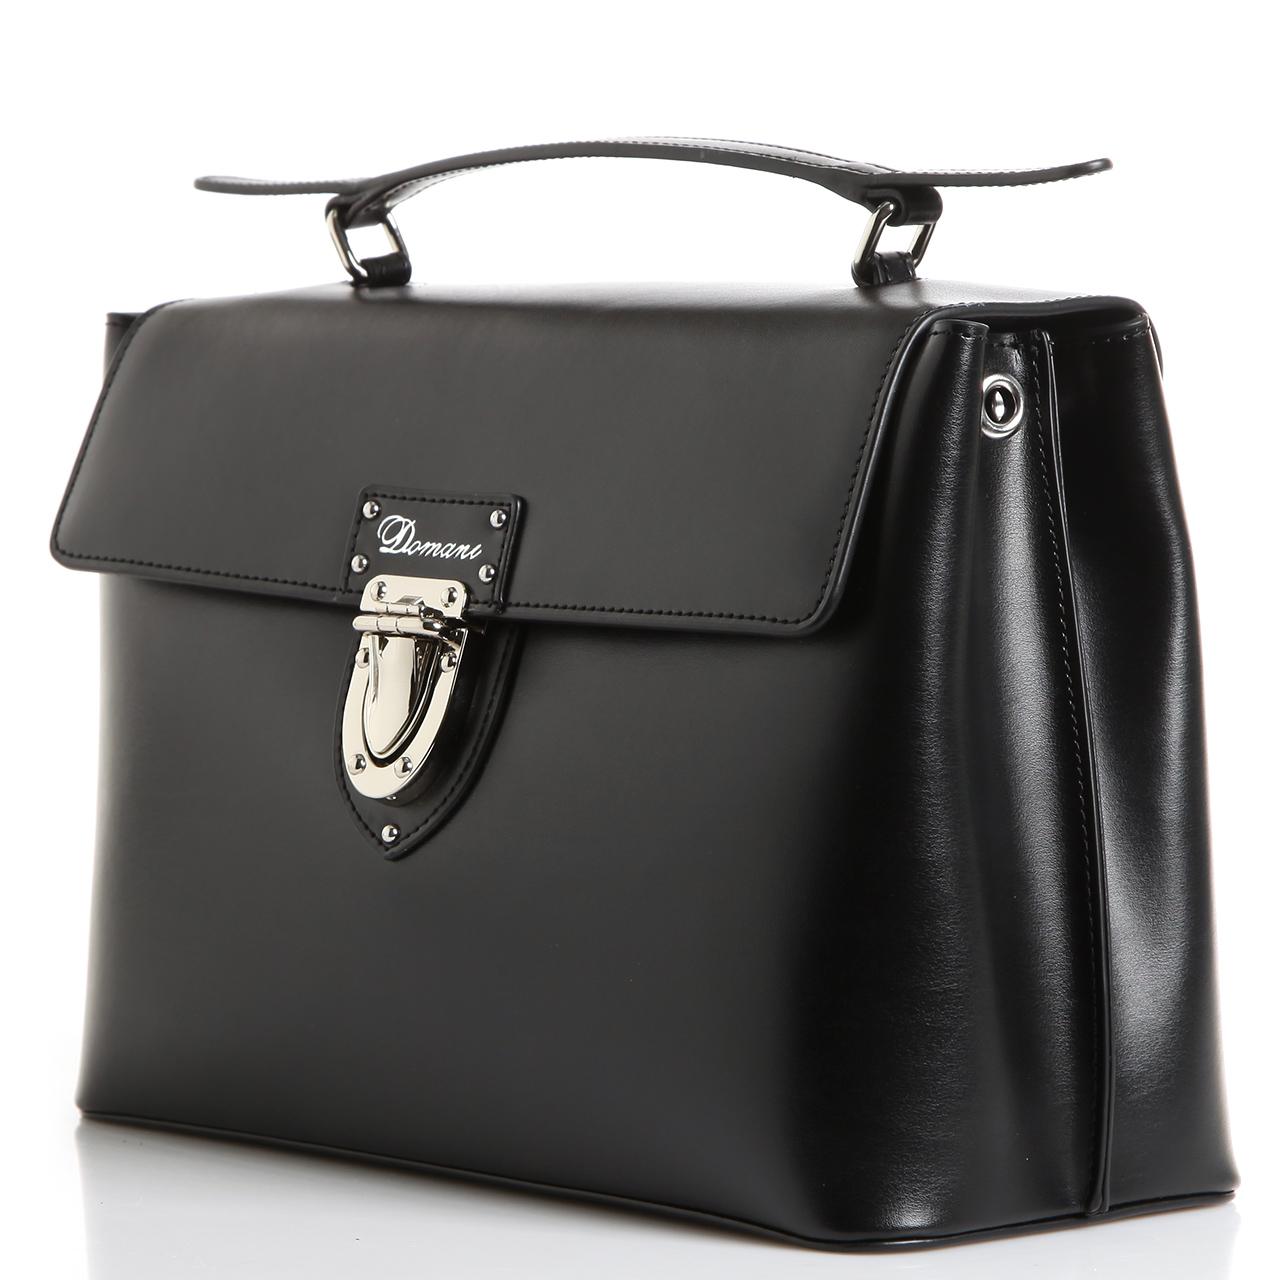 Кожаные сумки купить в интернет-магазине Домани (Domani) 2e2be48c3da